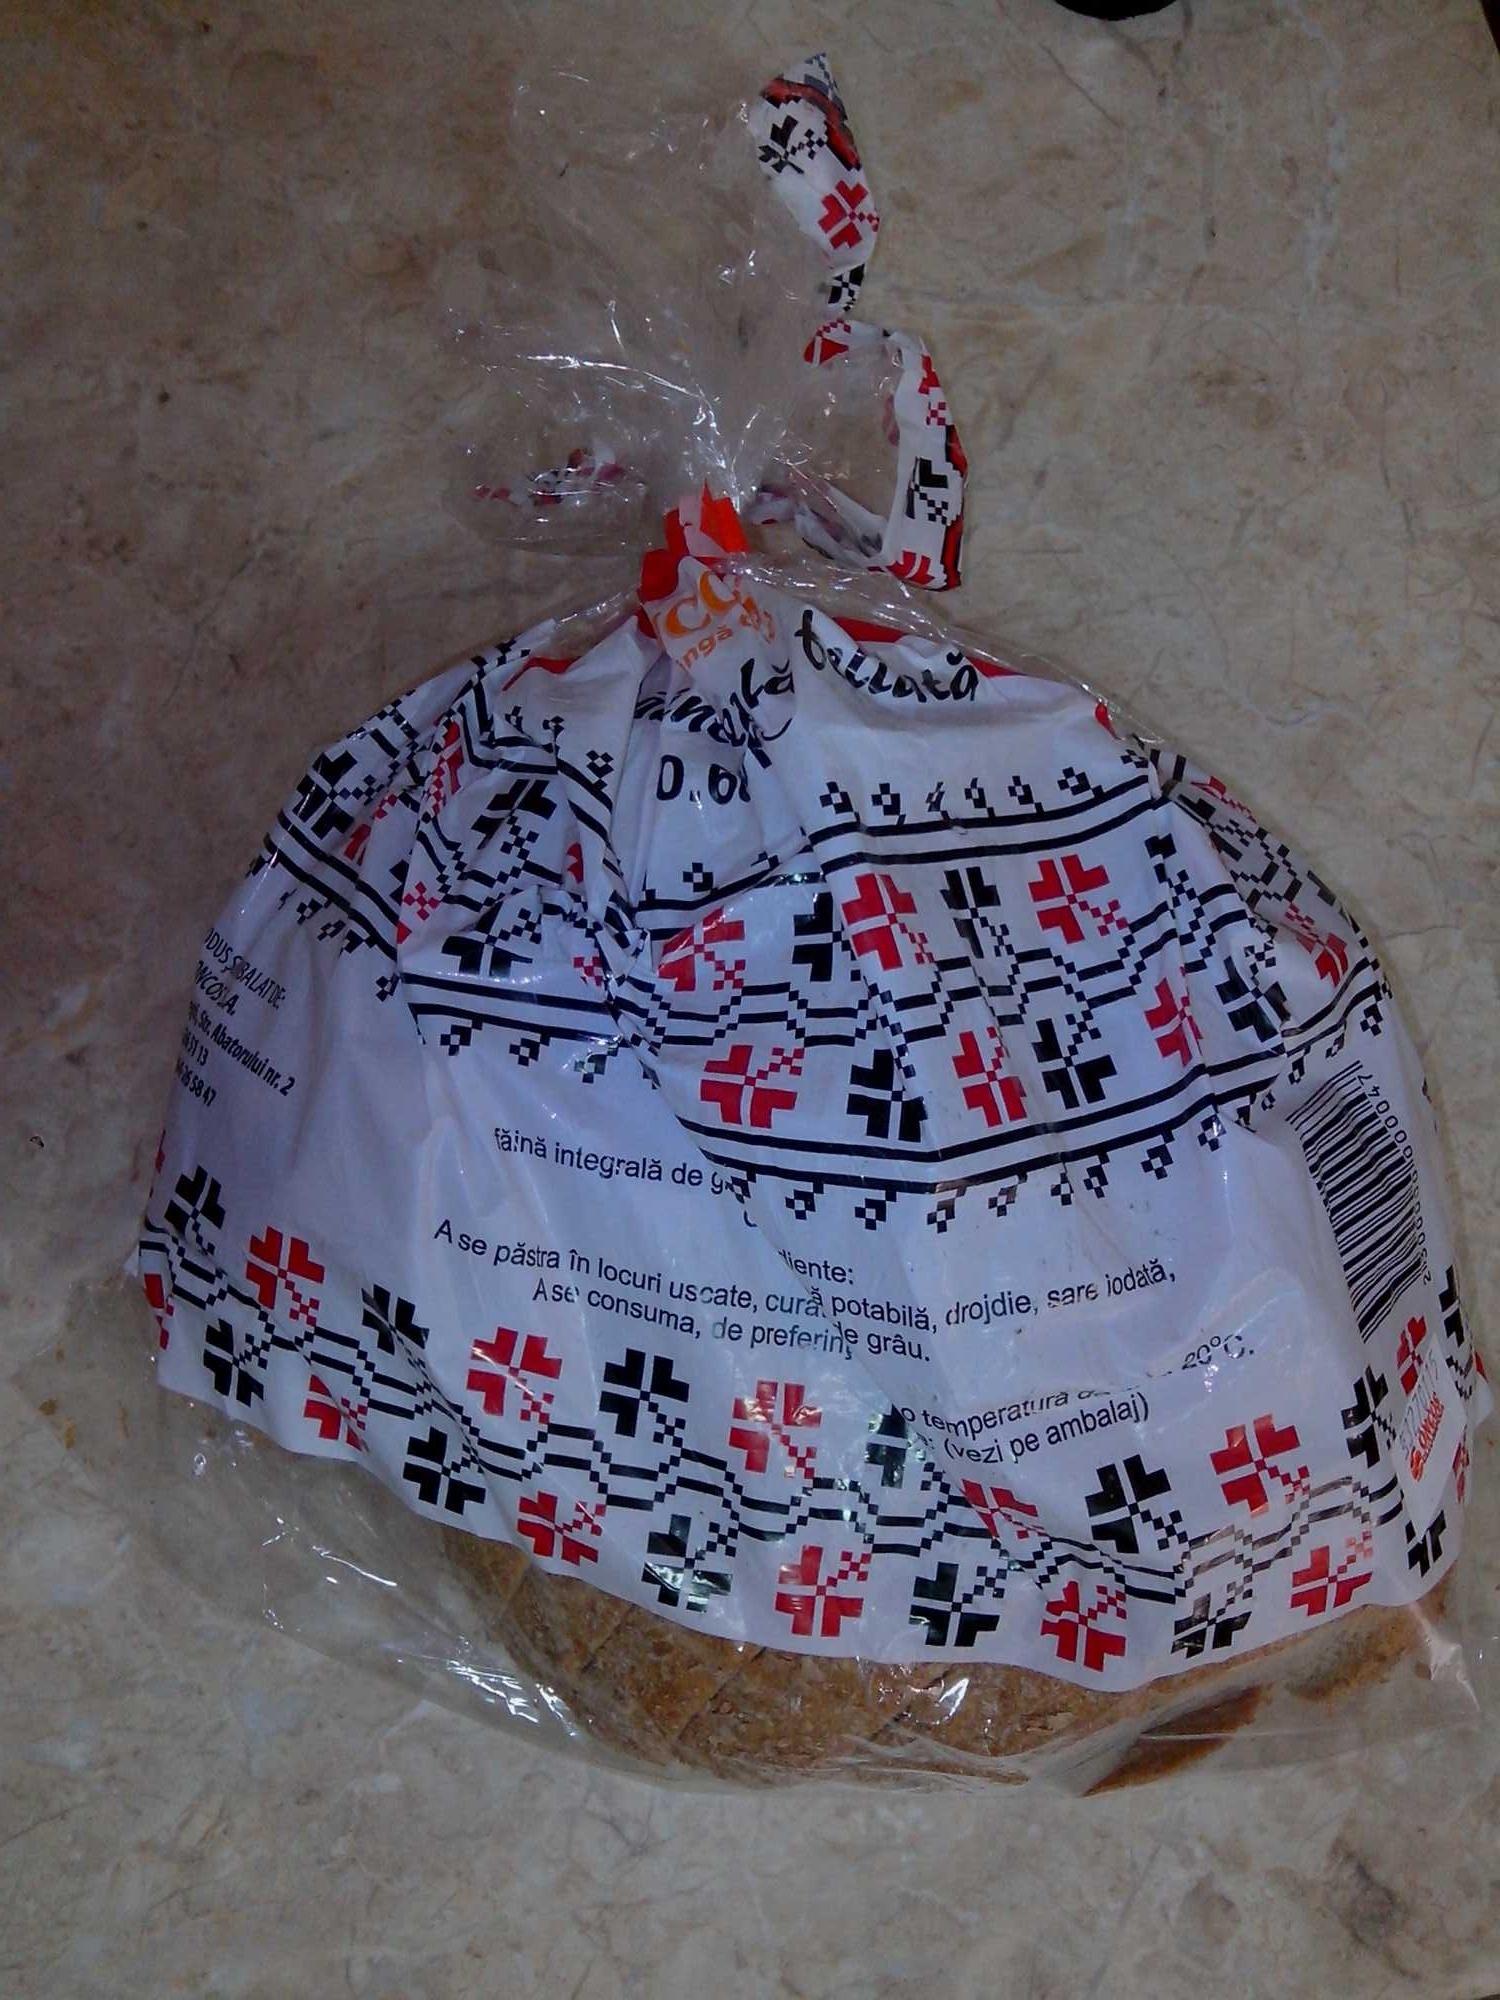 Pâine integrală feliată - Product - en